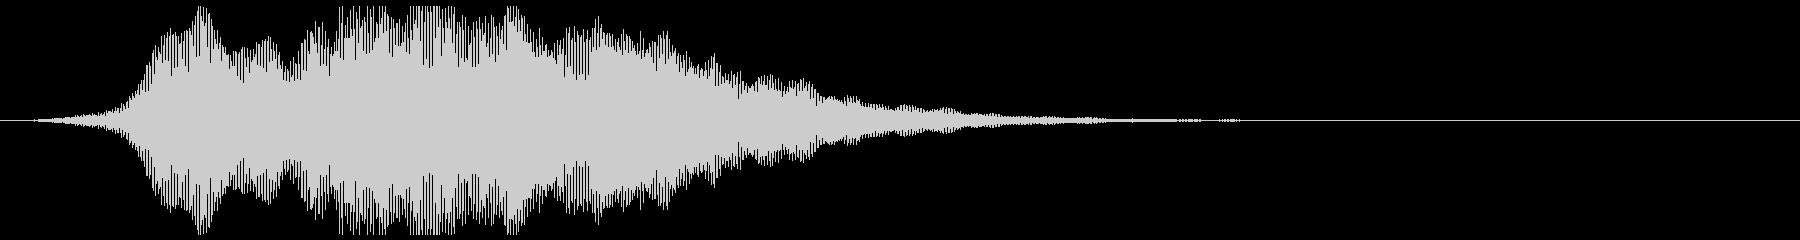 笛 5の未再生の波形